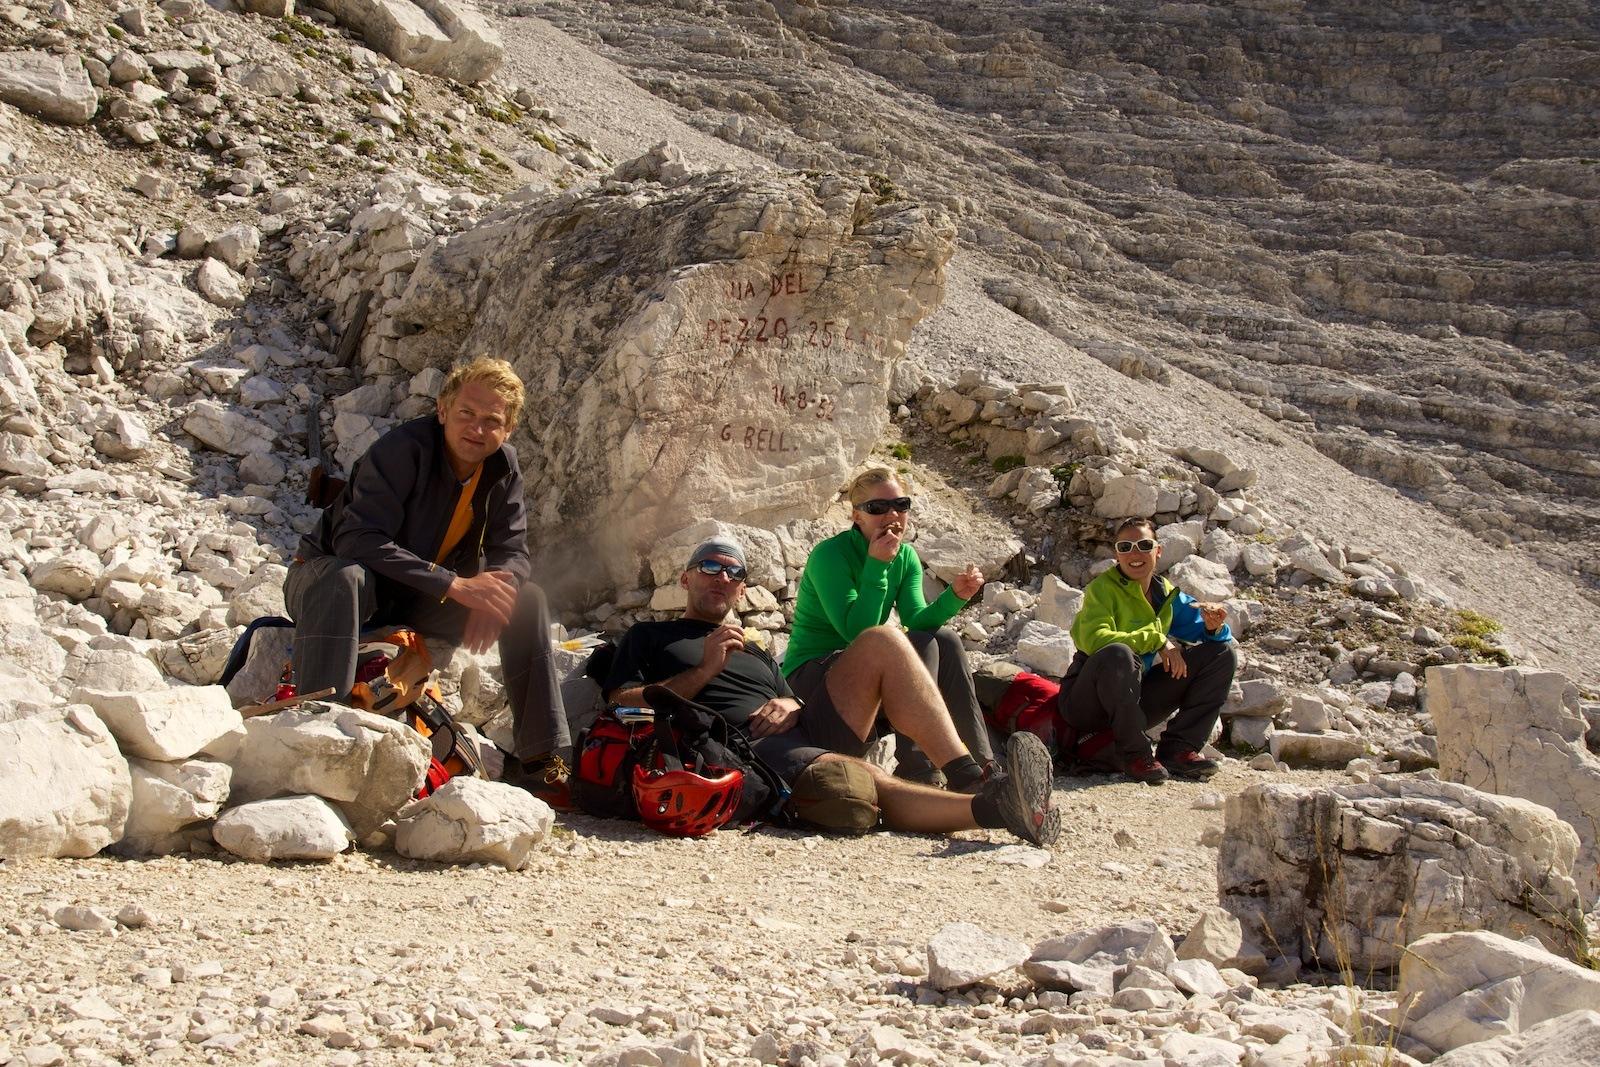 Roghel-Gabriella-Alpinisteig - 325